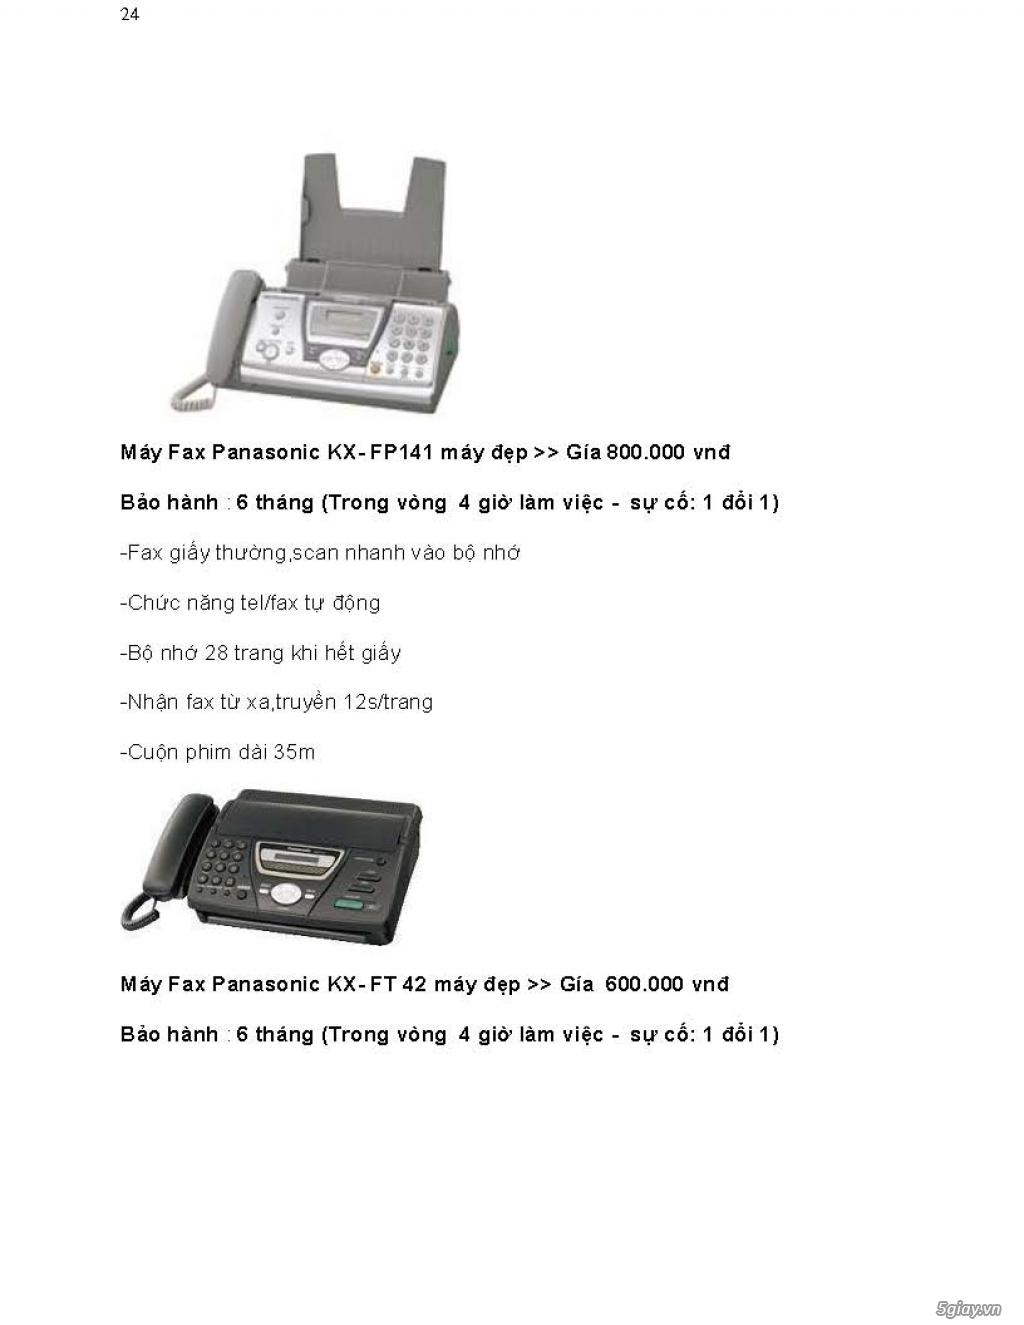 Sửa chữa Bộ Đàm,Máy Fax,Tổng Đài - 35